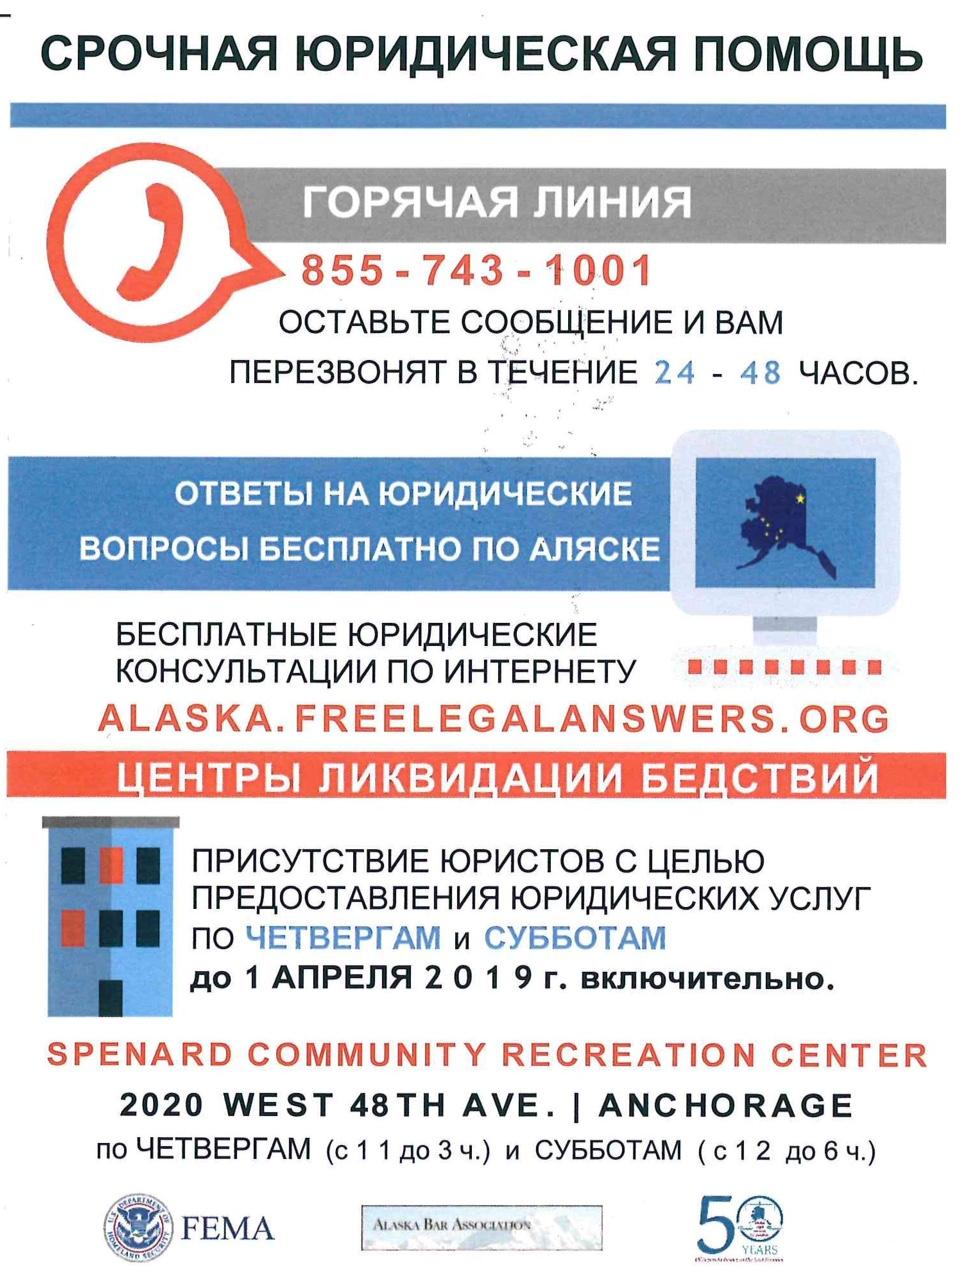 Alaska Disaster Legal -Russian.jpg